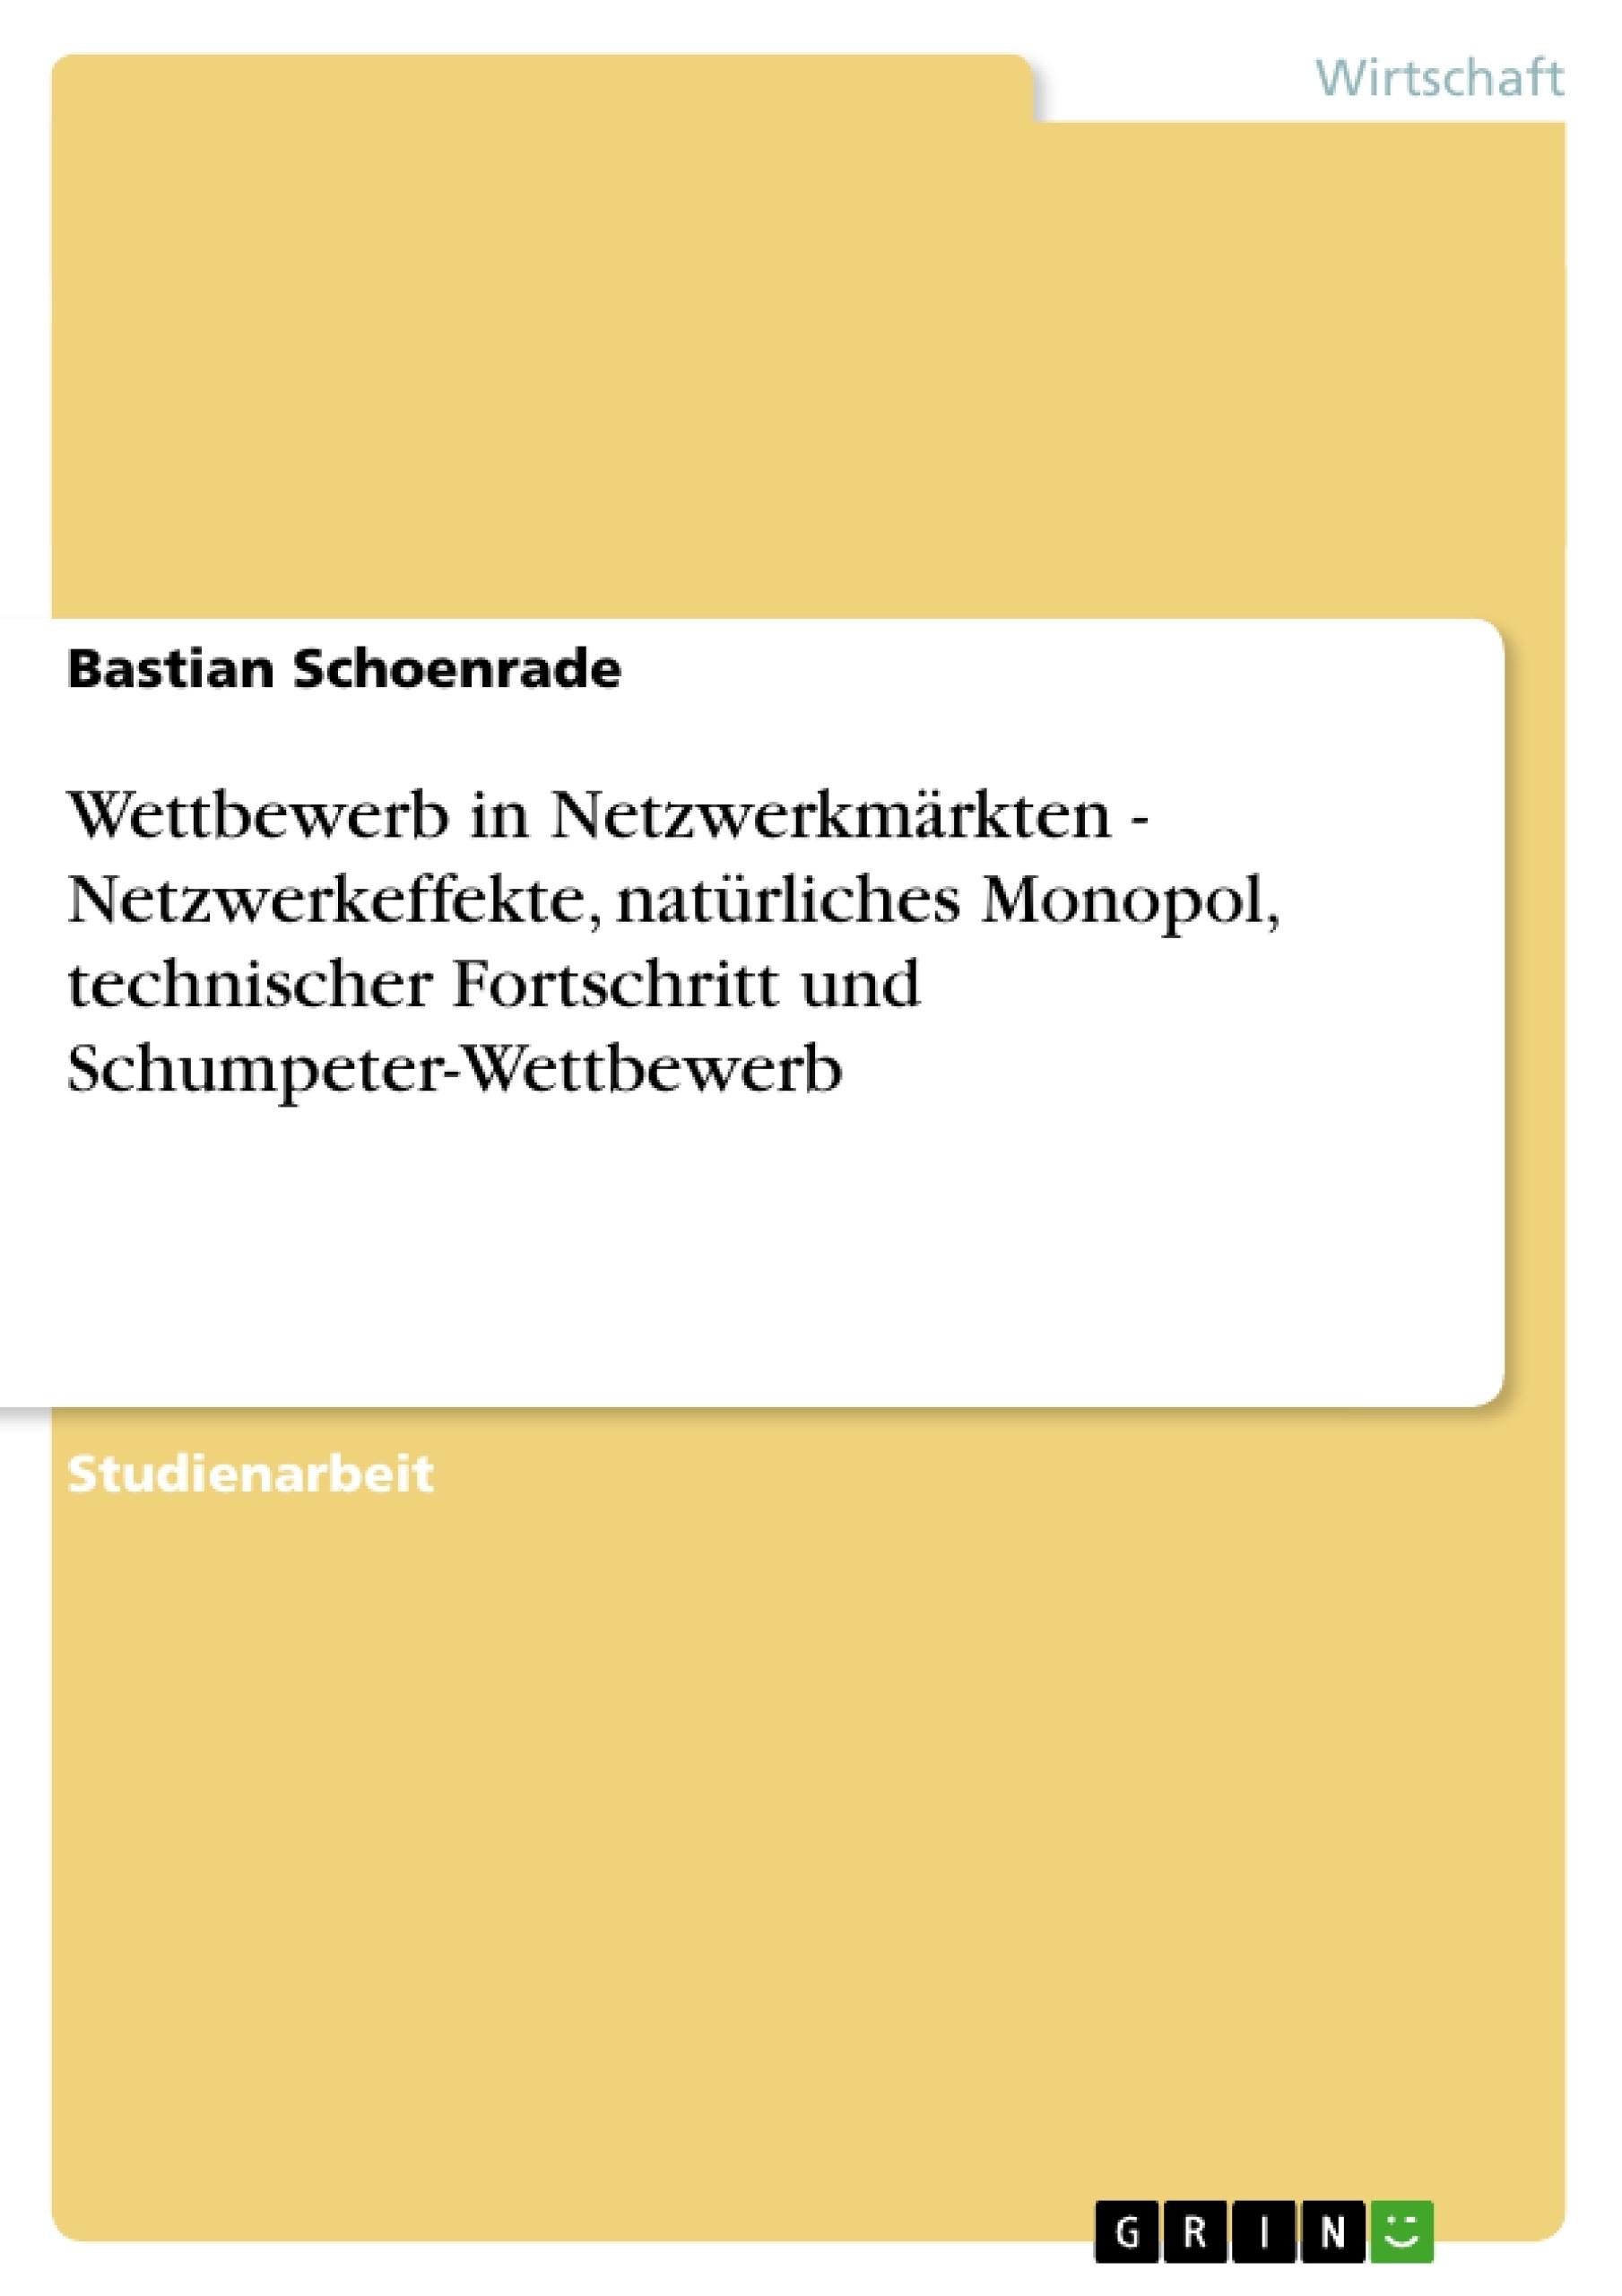 Titel: Wettbewerb in Netzwerkmärkten - Netzwerkeffekte, natürliches Monopol, technischer Fortschritt und Schumpeter-Wettbewerb